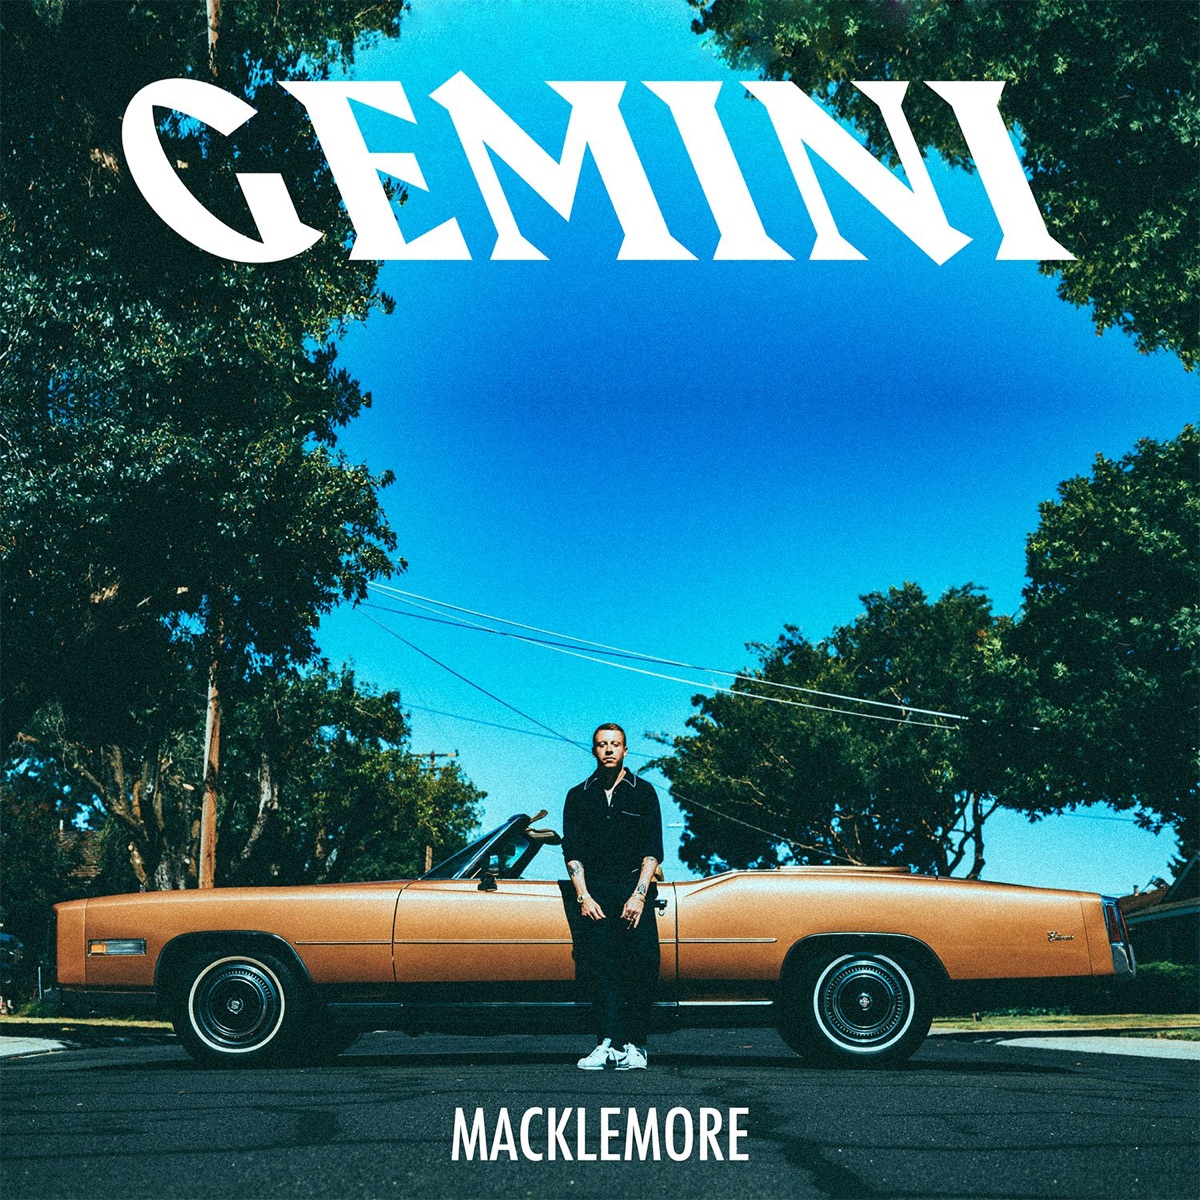 GEMINI Macklemore CD cover